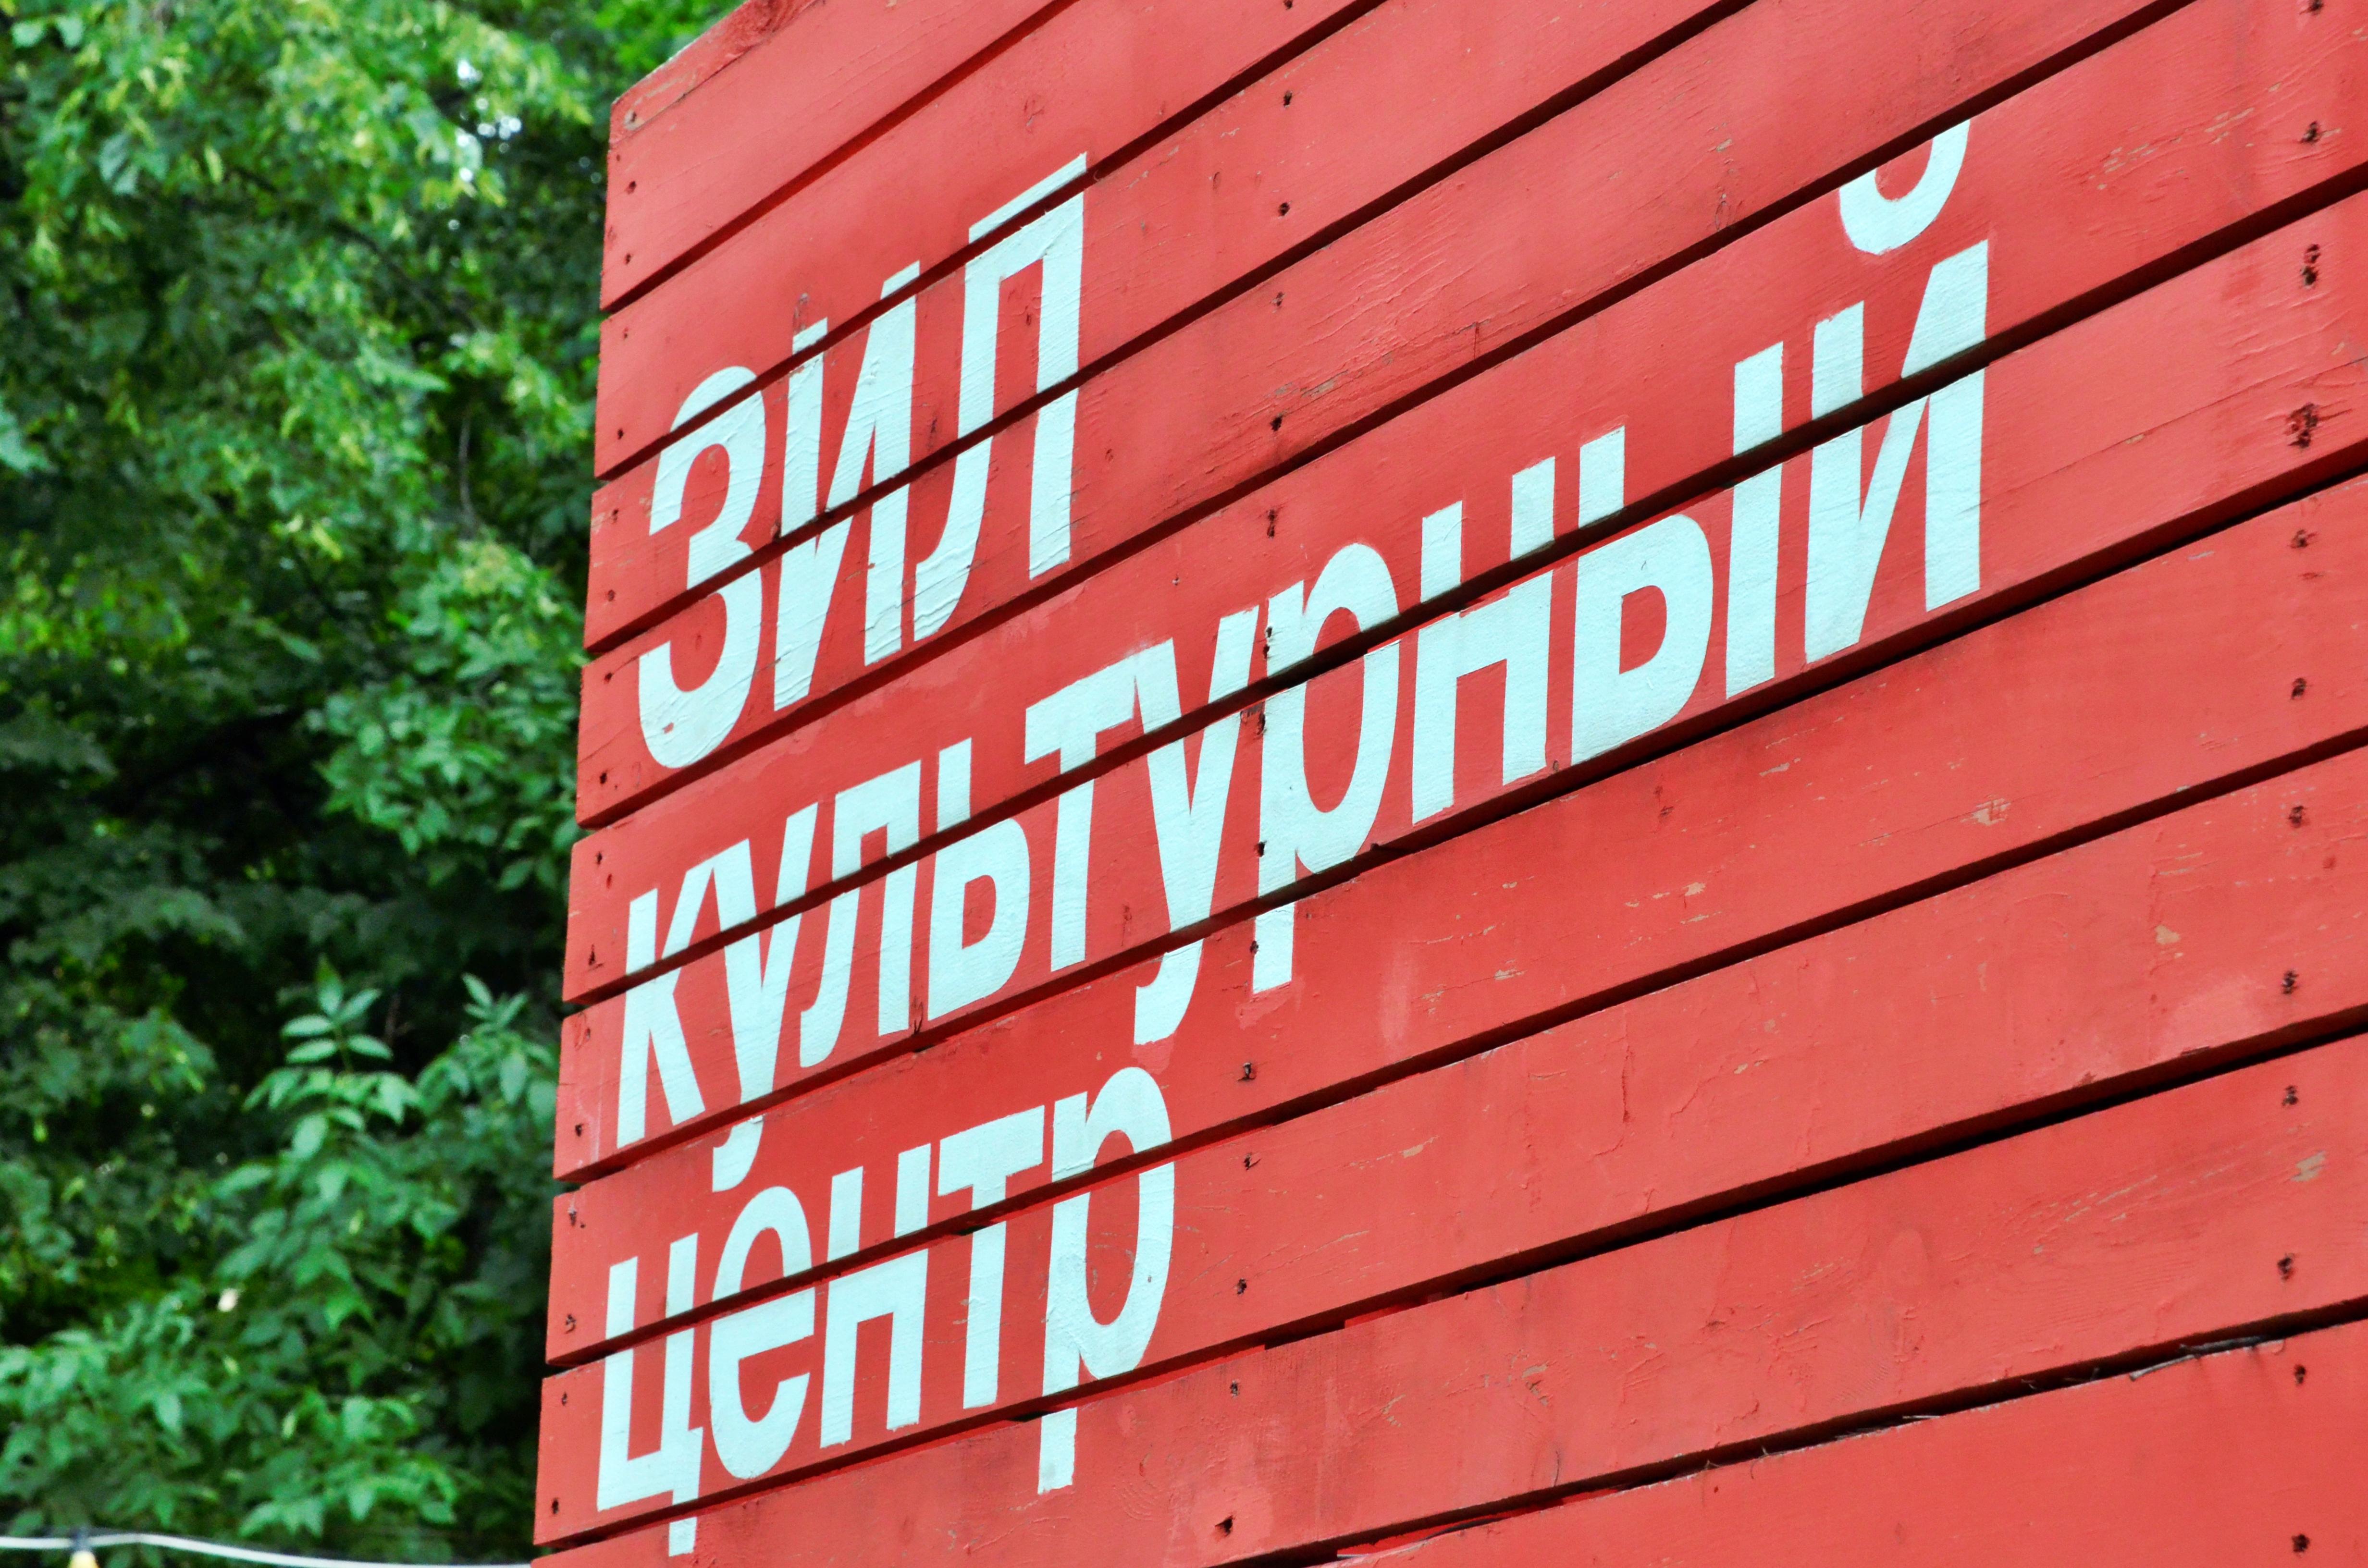 Москвичей пригласили принять участие в творческой мастерской КЦ ЗИЛ